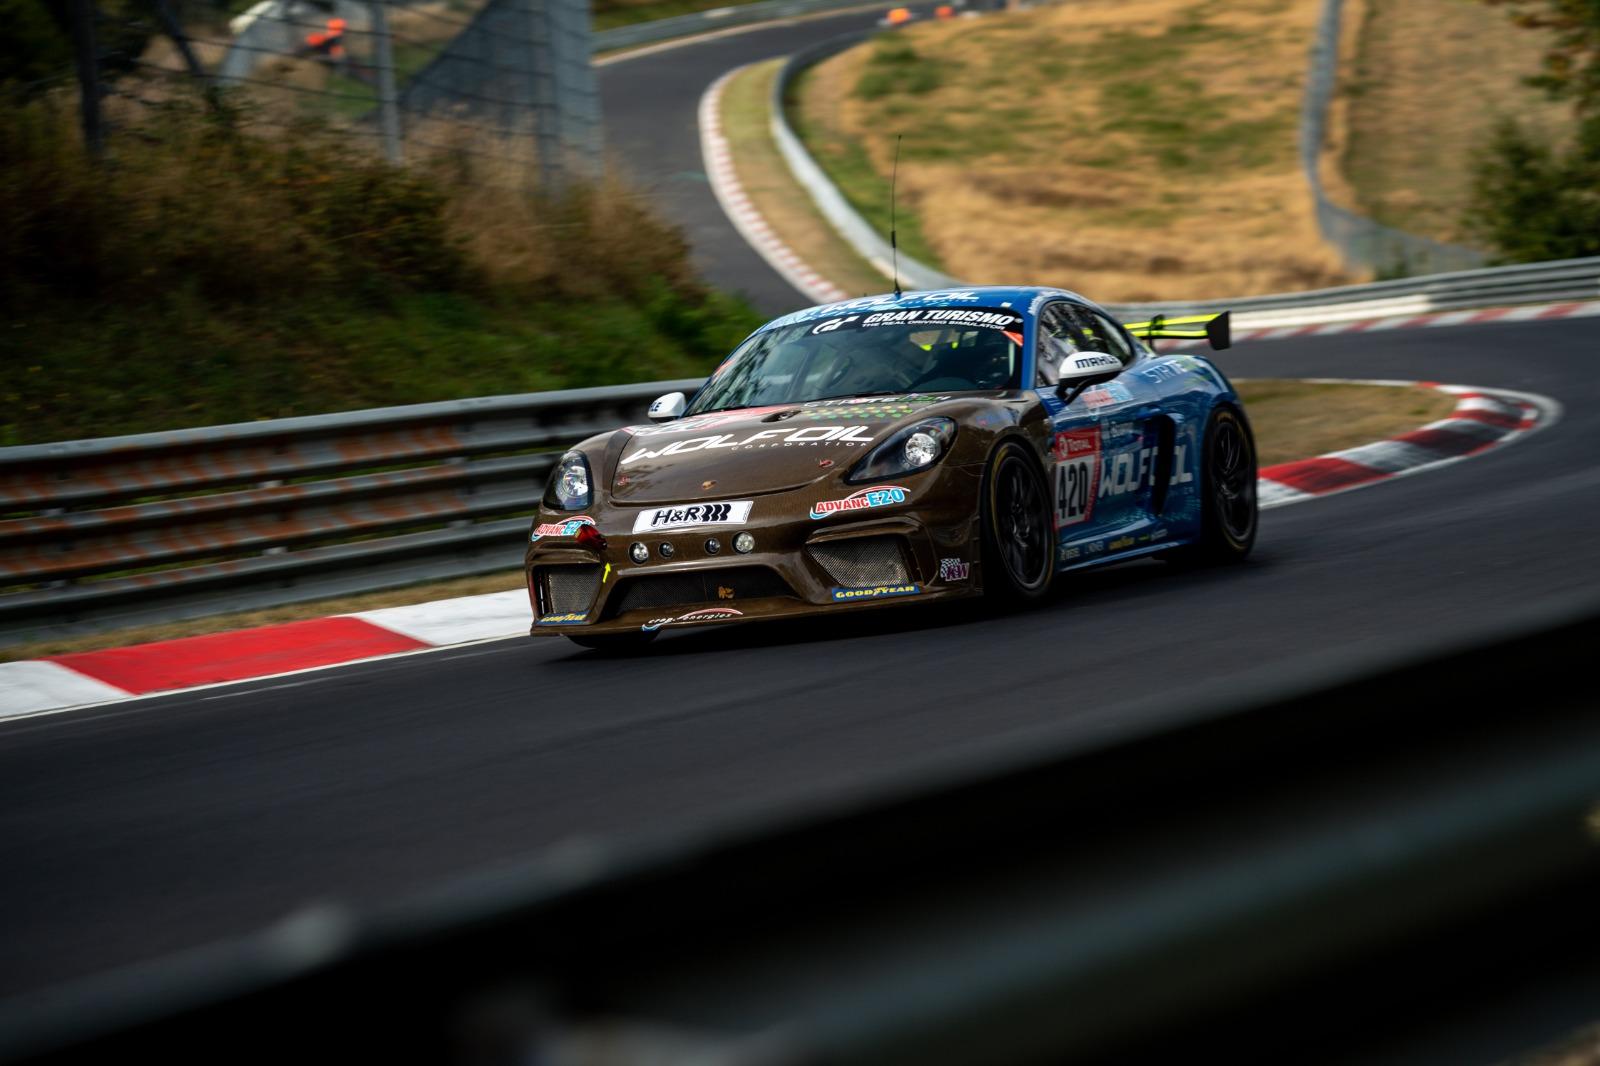 Porsche-718-Cayman-GT4-MR-natural-fiber-bodykit-2